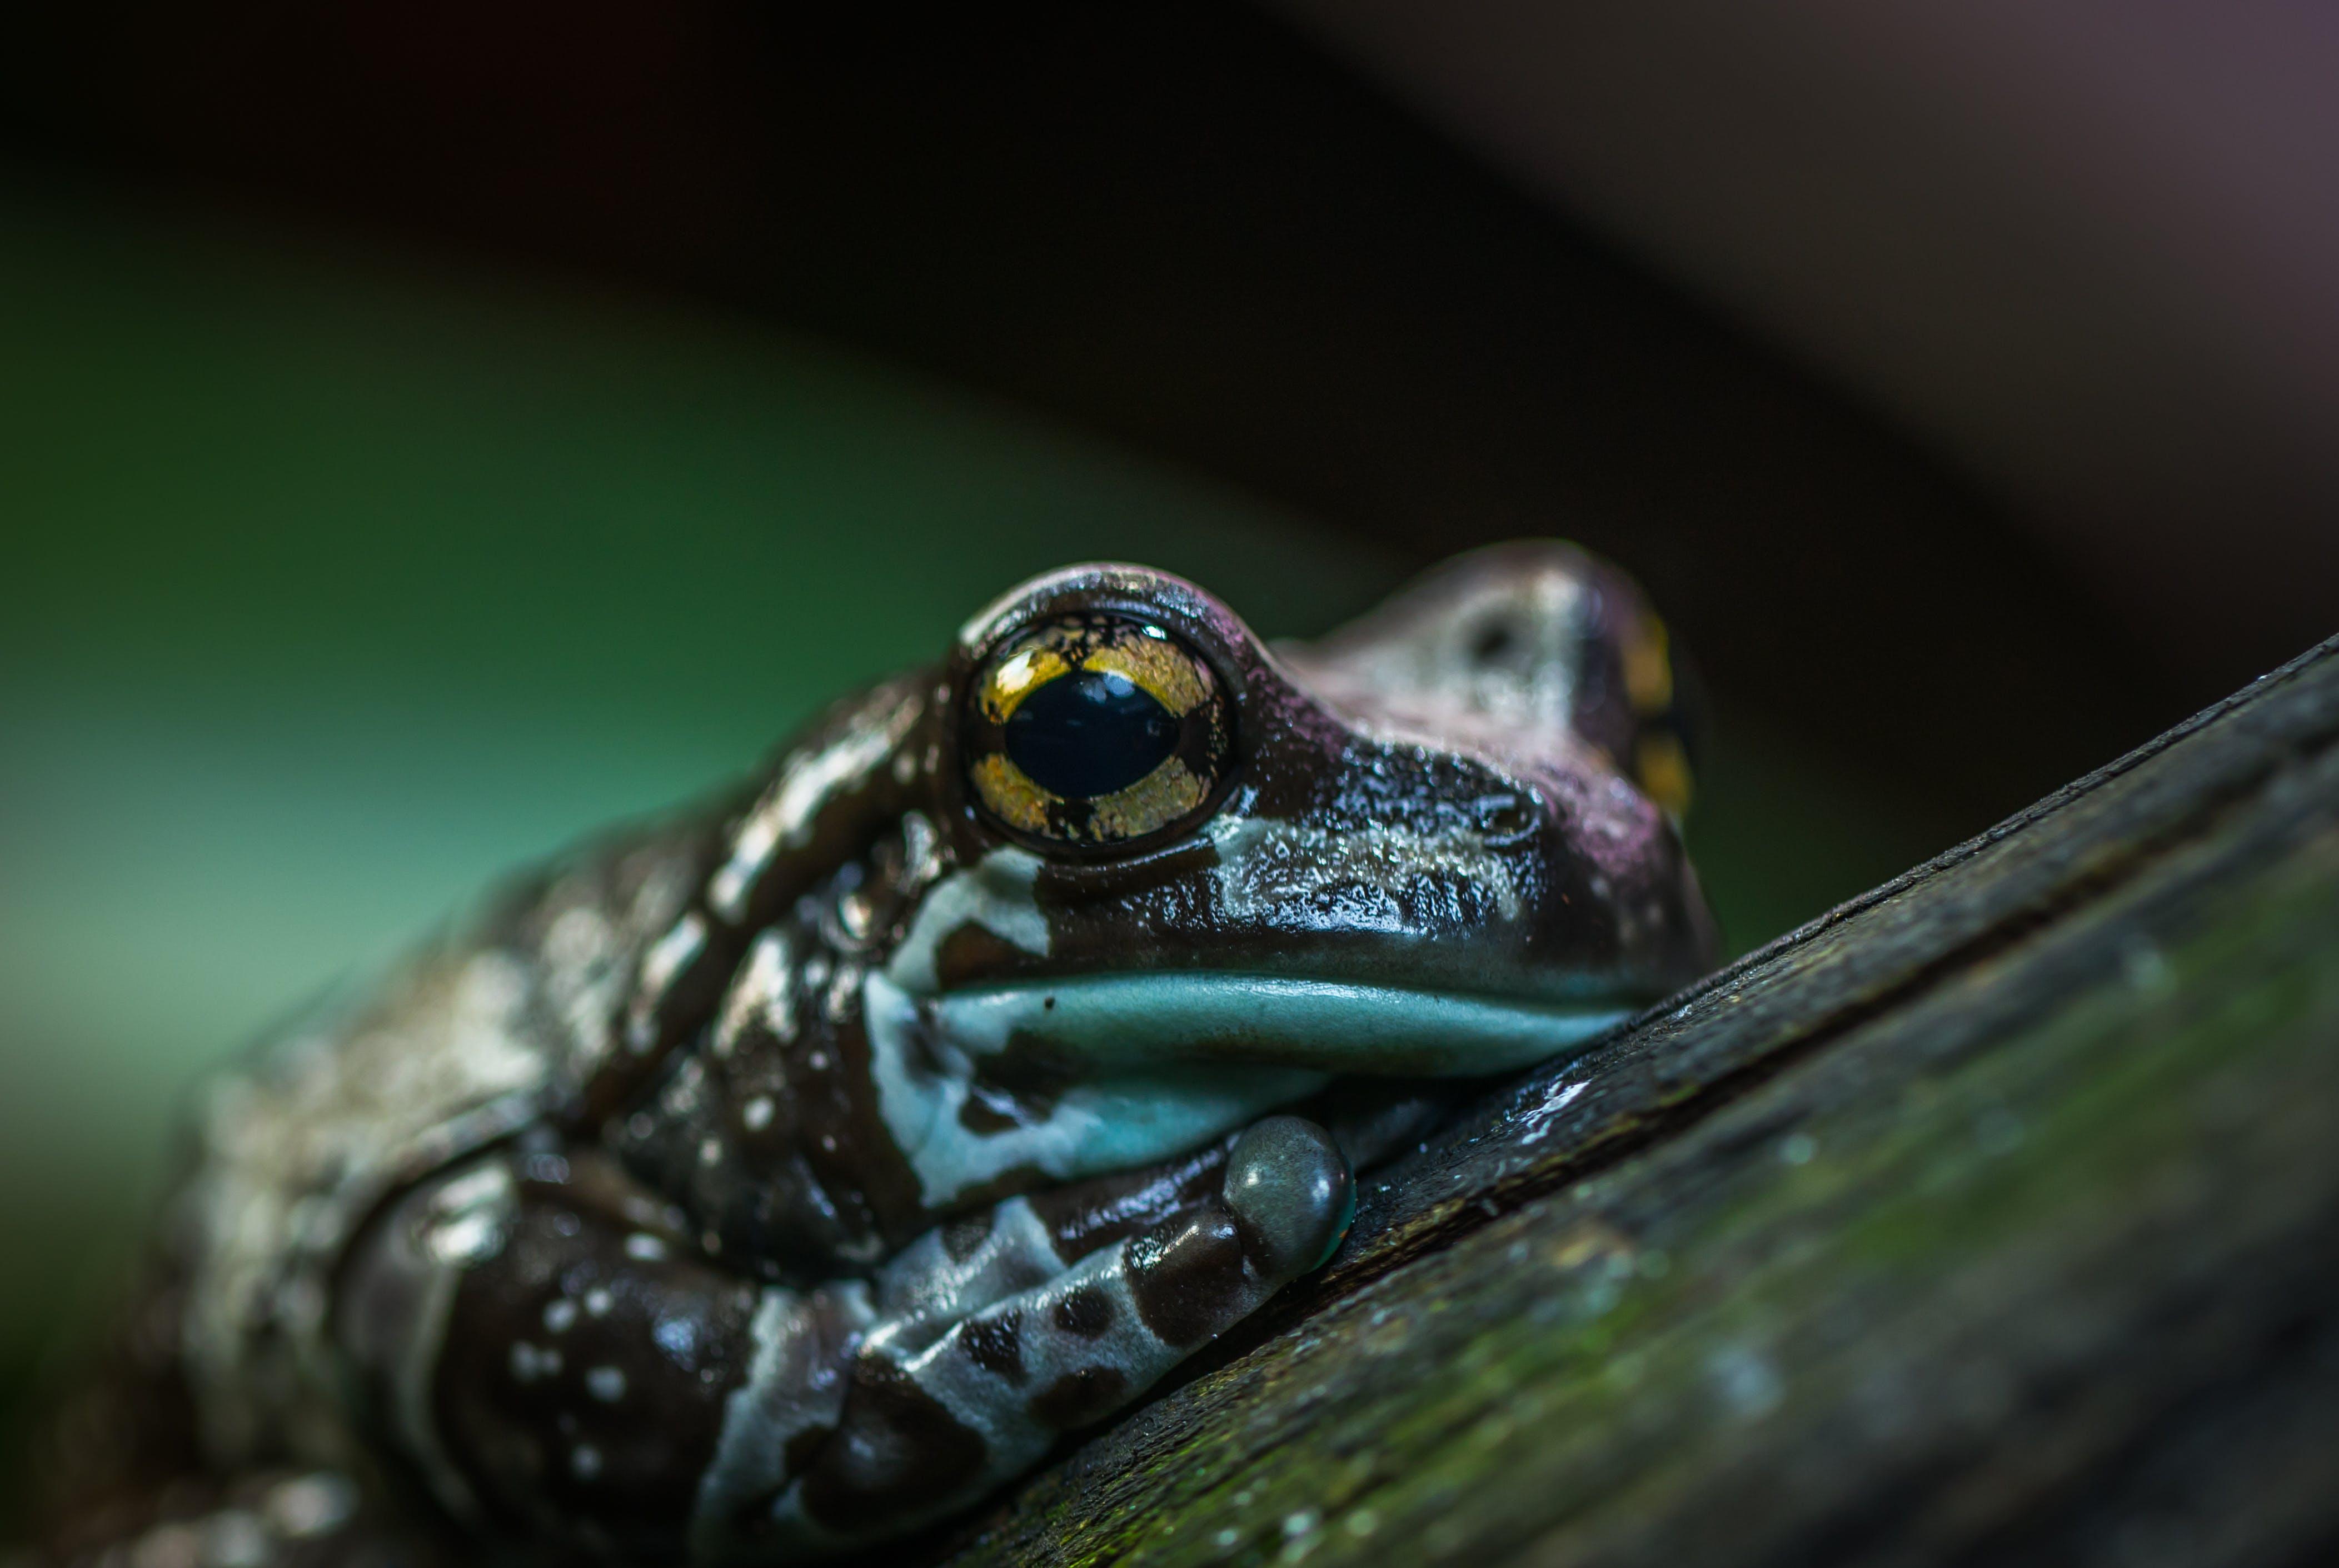 Kostenloses Stock Foto zu amphibie, auge, biologie, draußen